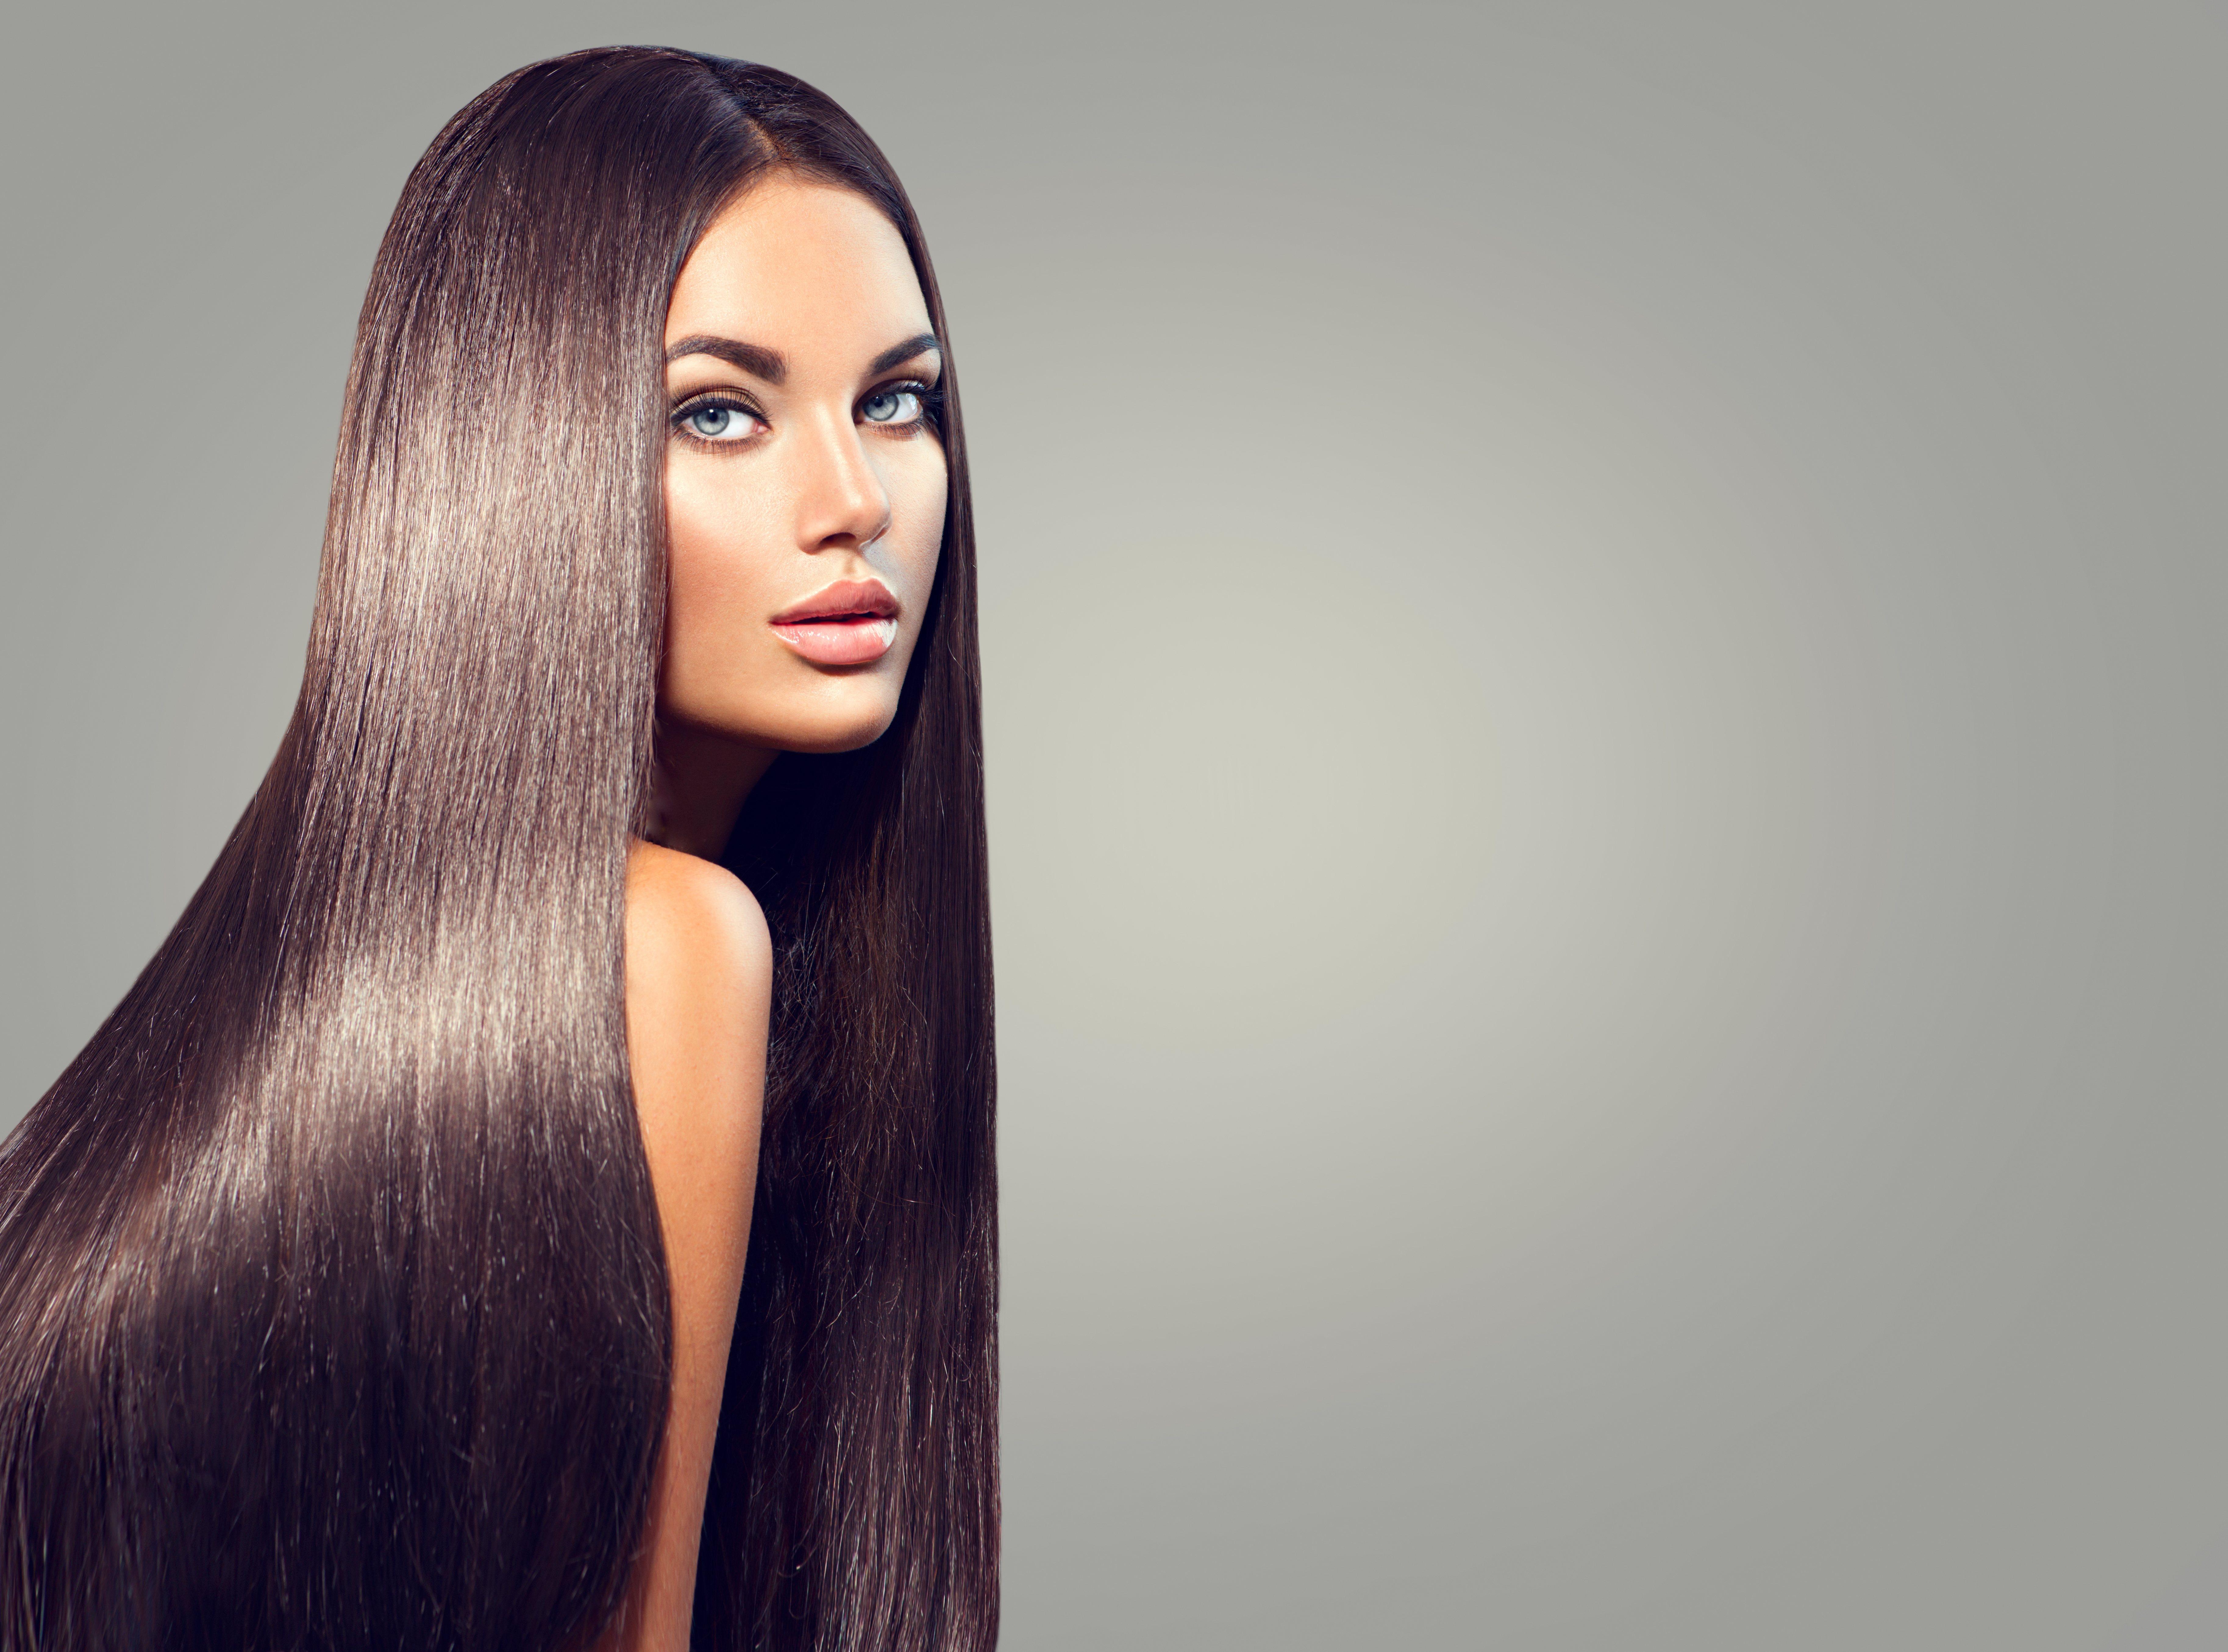 Debes elegir un tono de pelo el más parecido posible al tuyo para que no se note el contraste